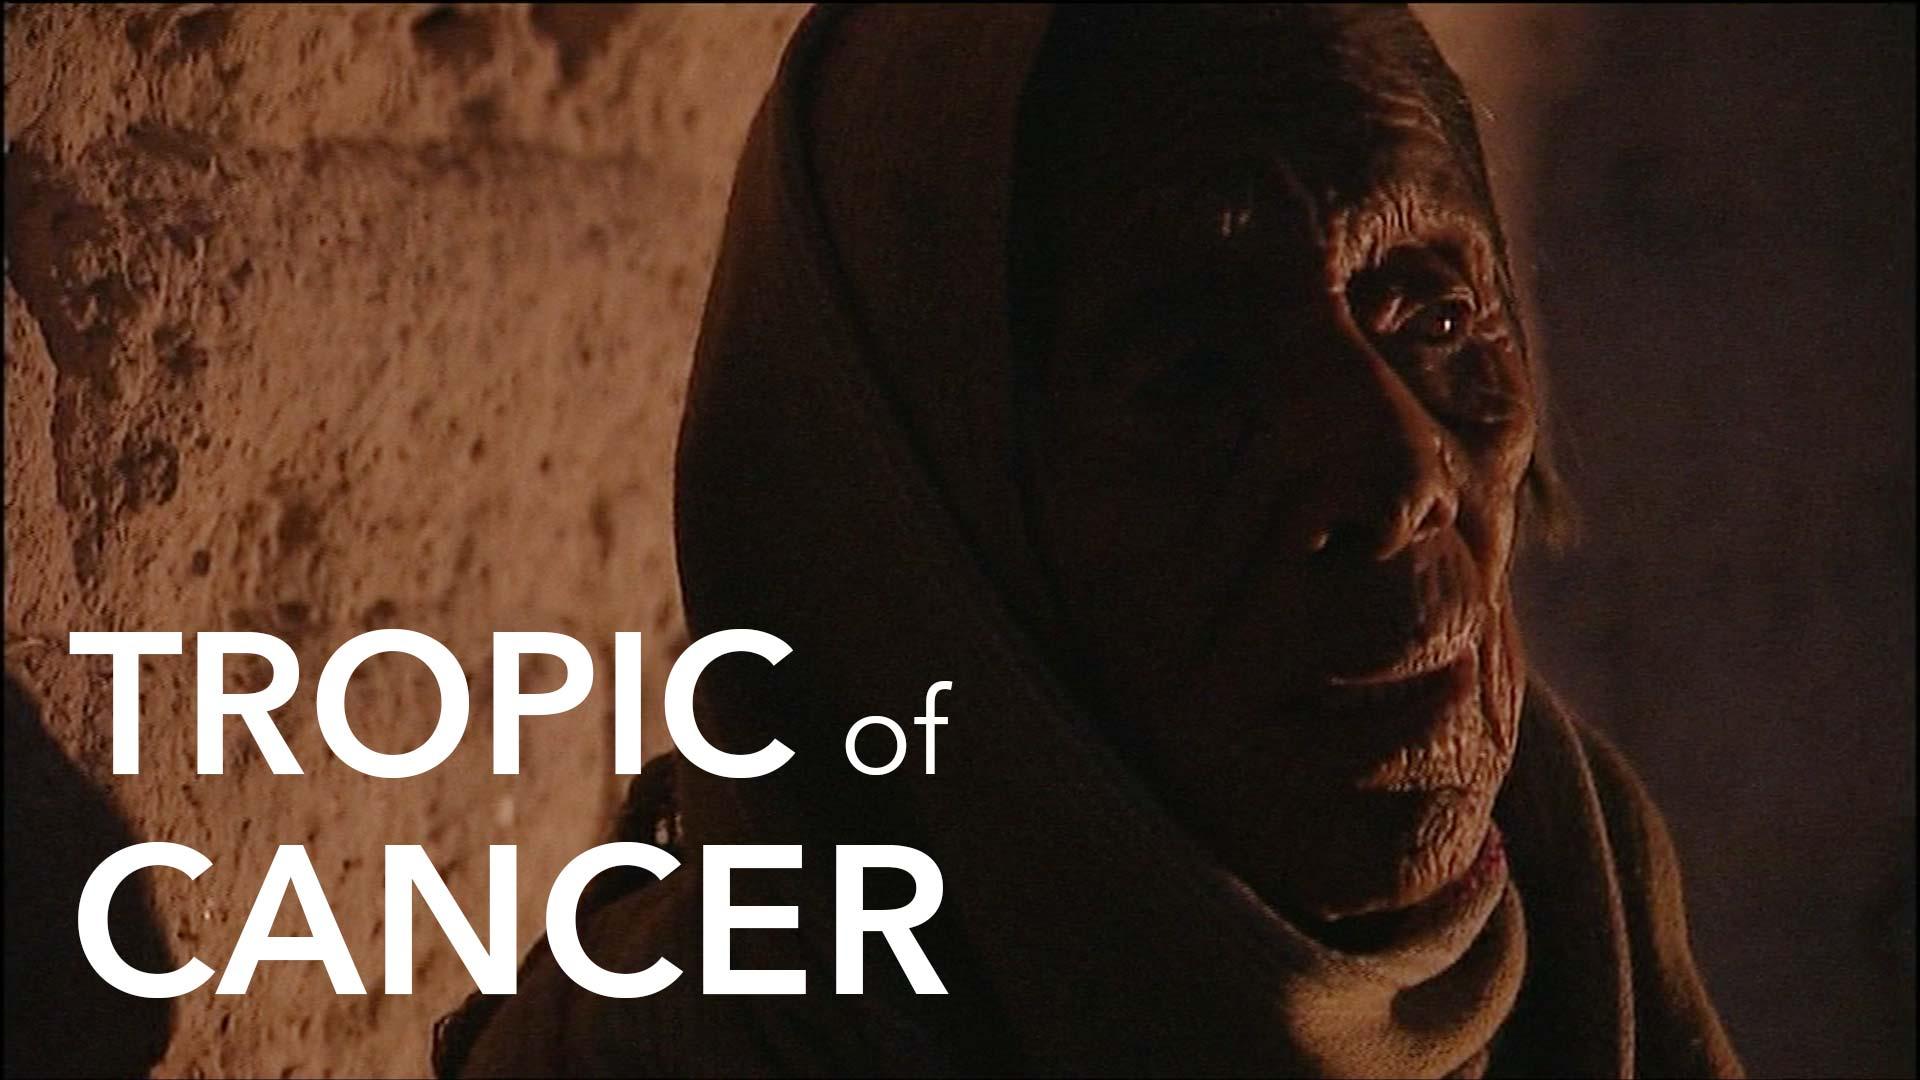 Trópico de Cancer / Tropic of Cancer - image